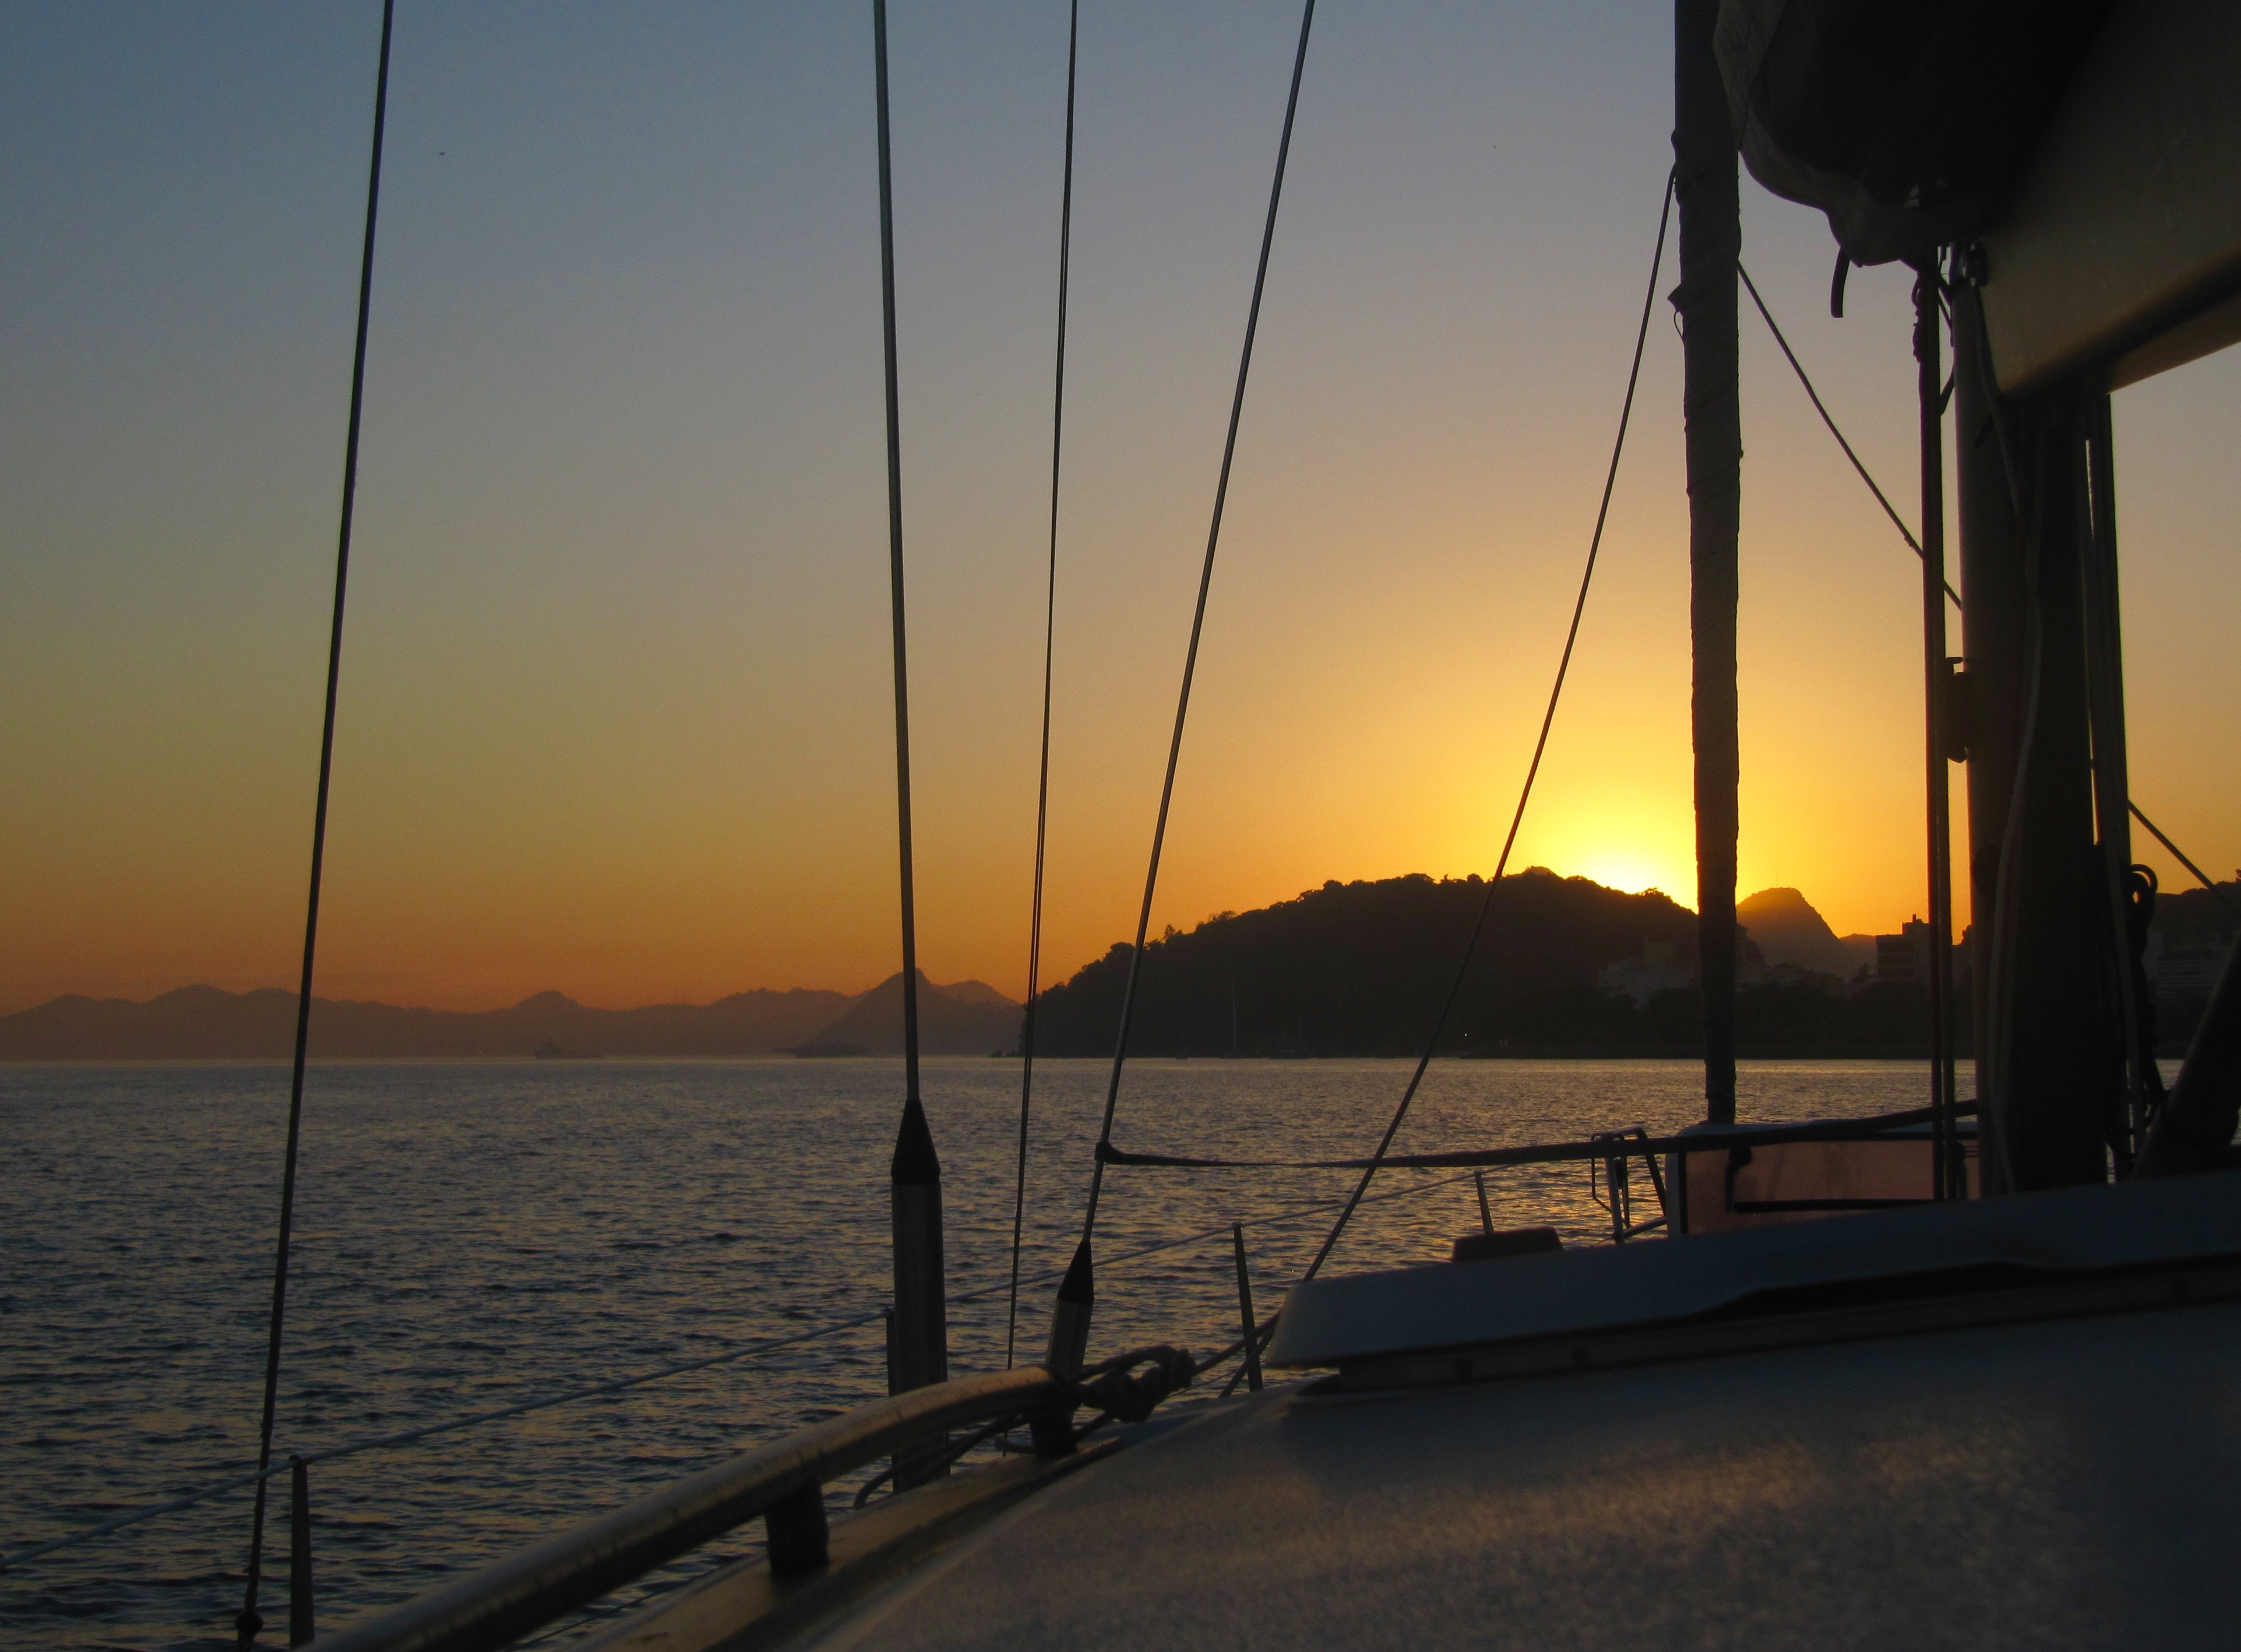 Guanabara Bay by sun rise (Rio)